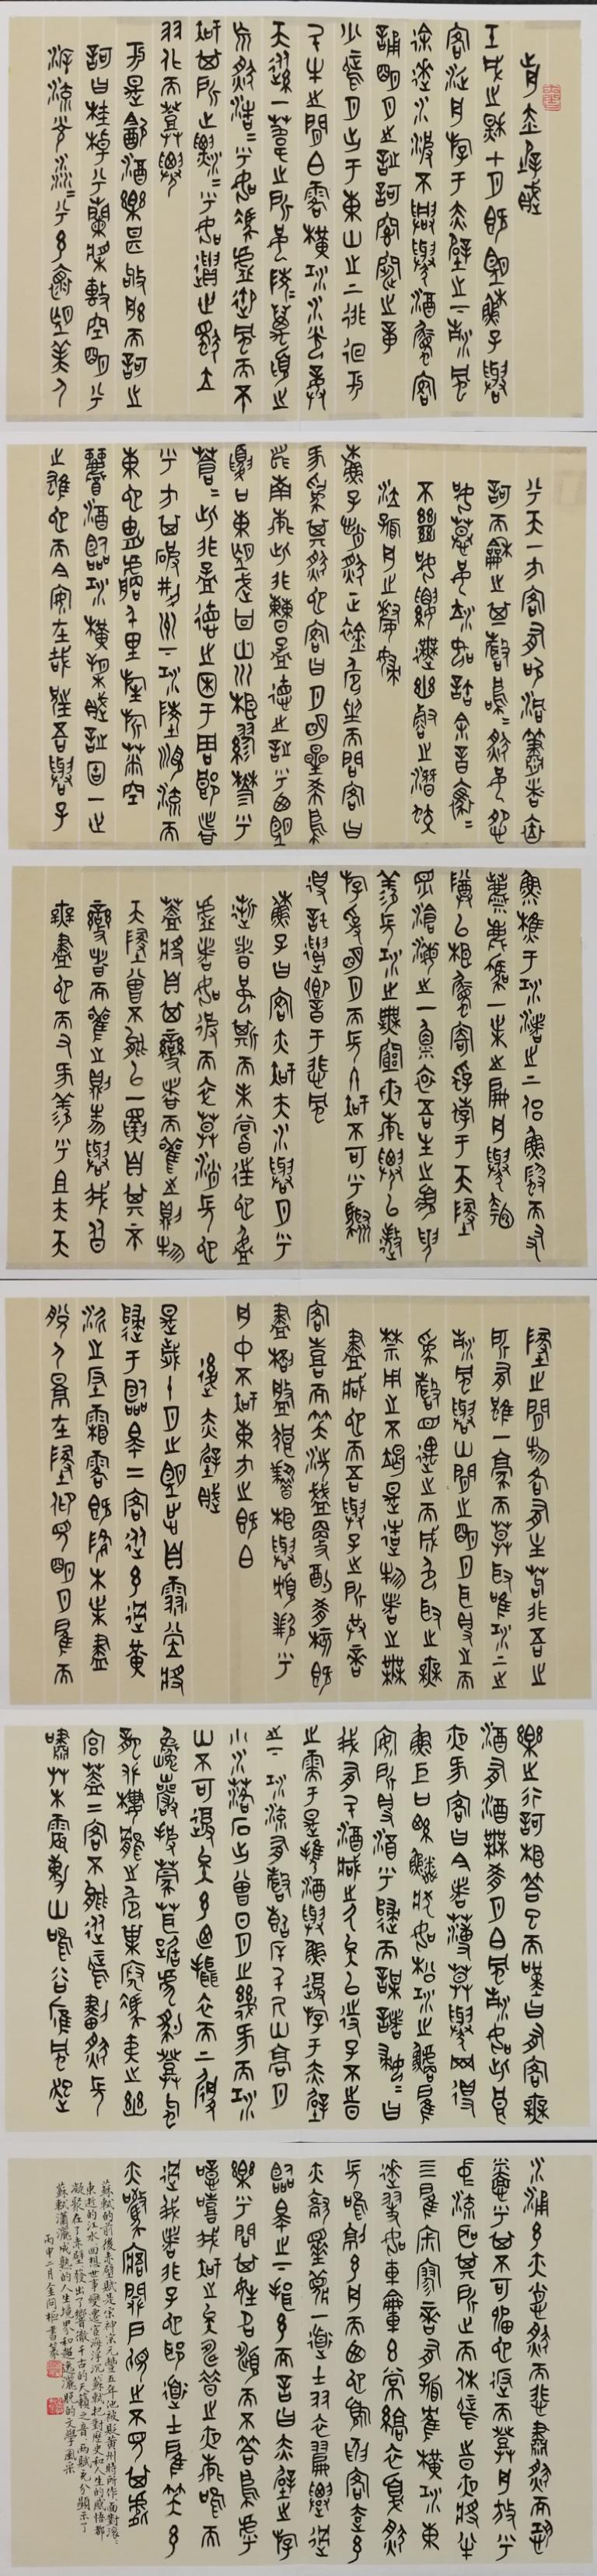 金问枢作品——苏轼前后赤壁赋册页